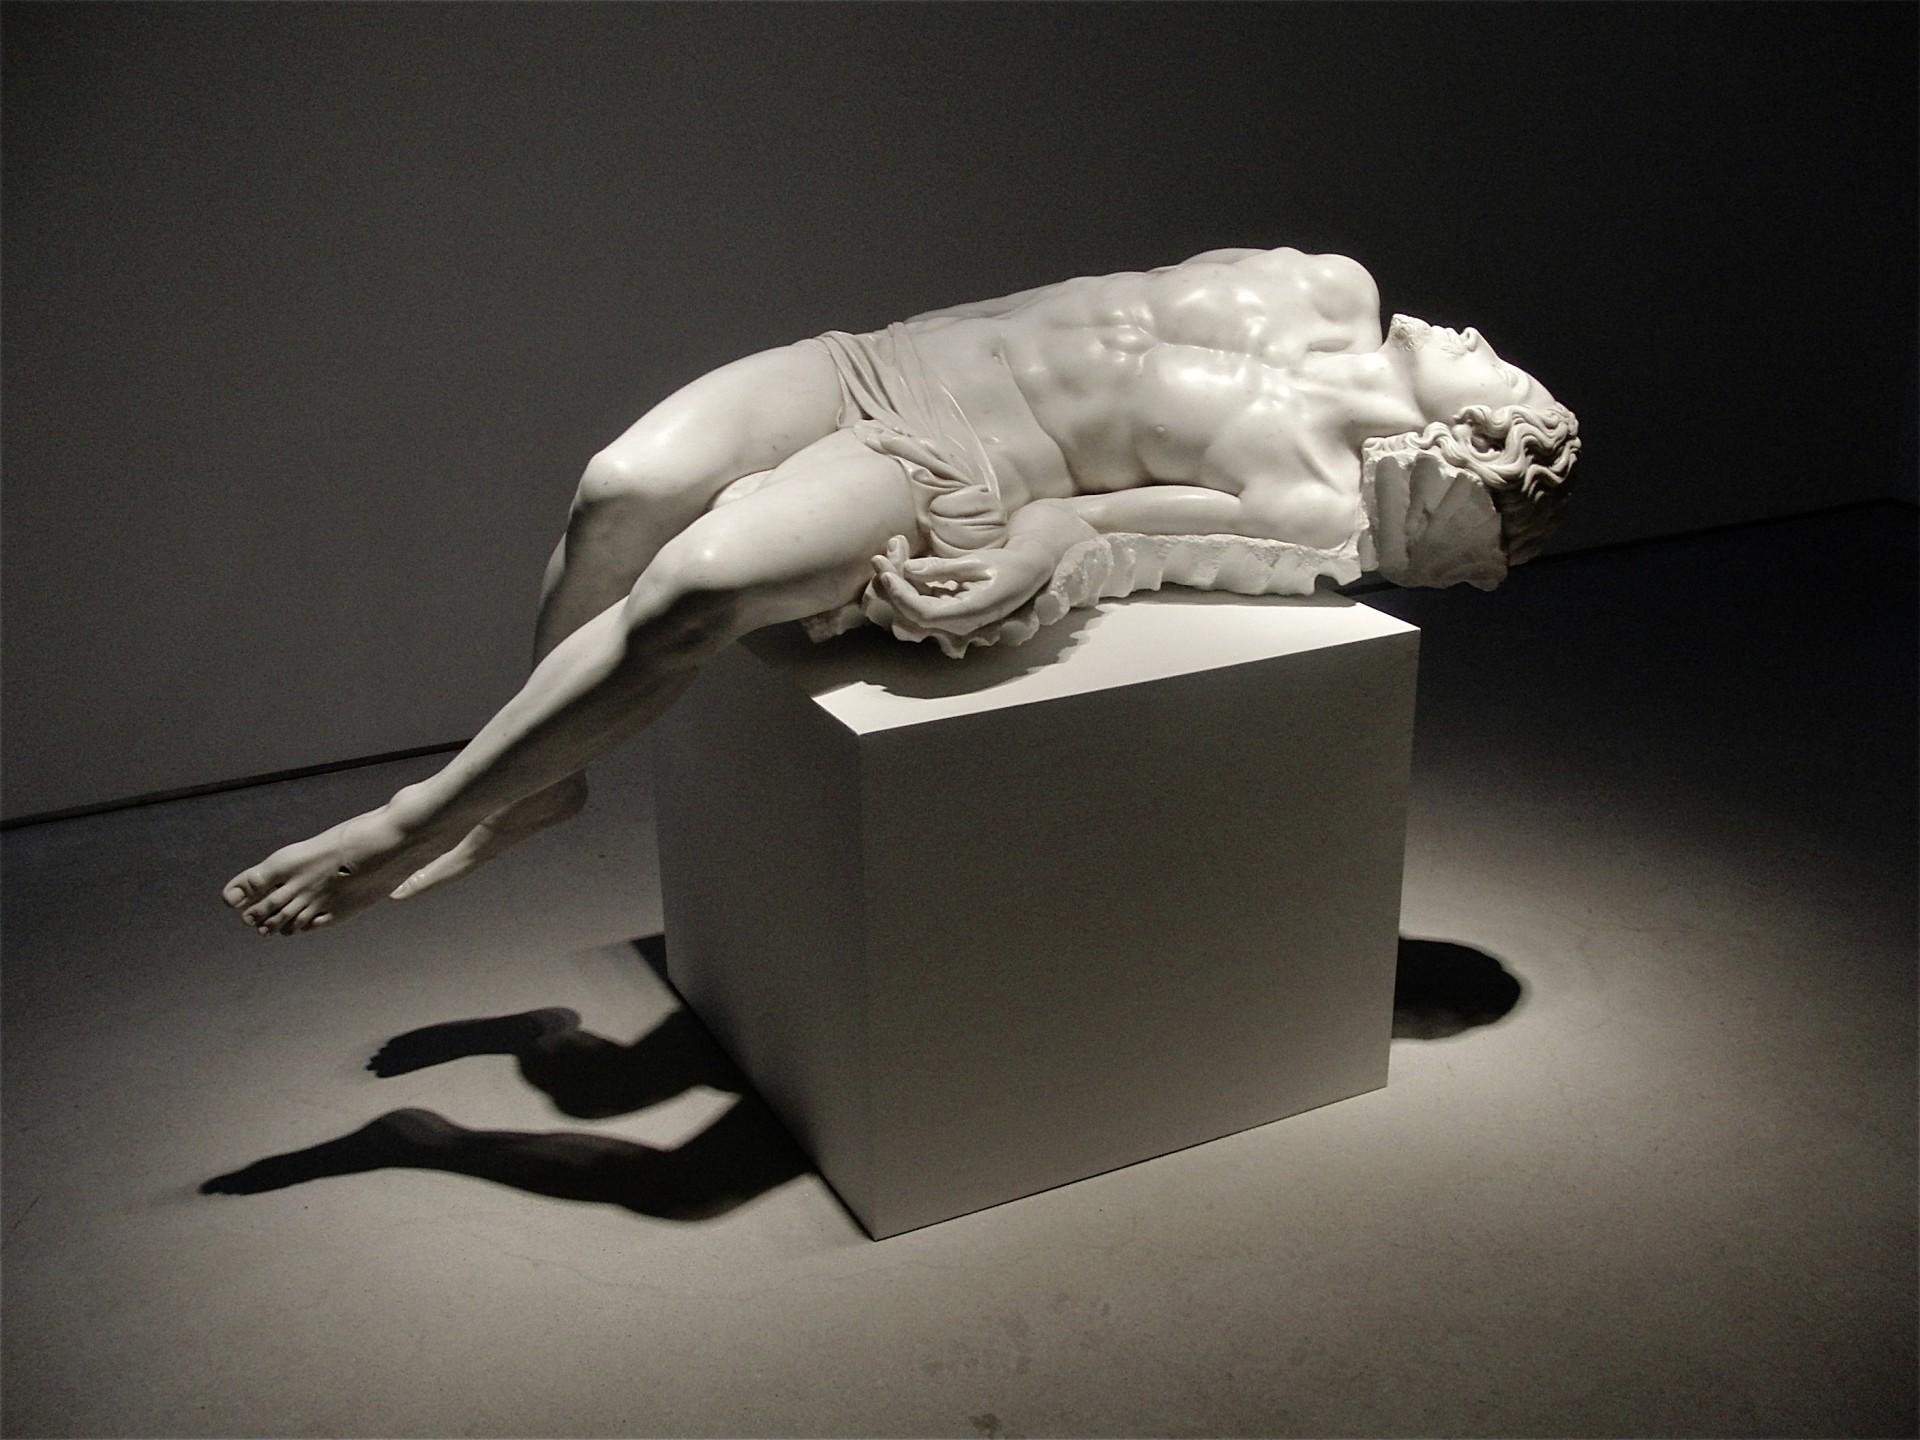 jesus fabio viale marmo marble sperone westwater souvenir pieta